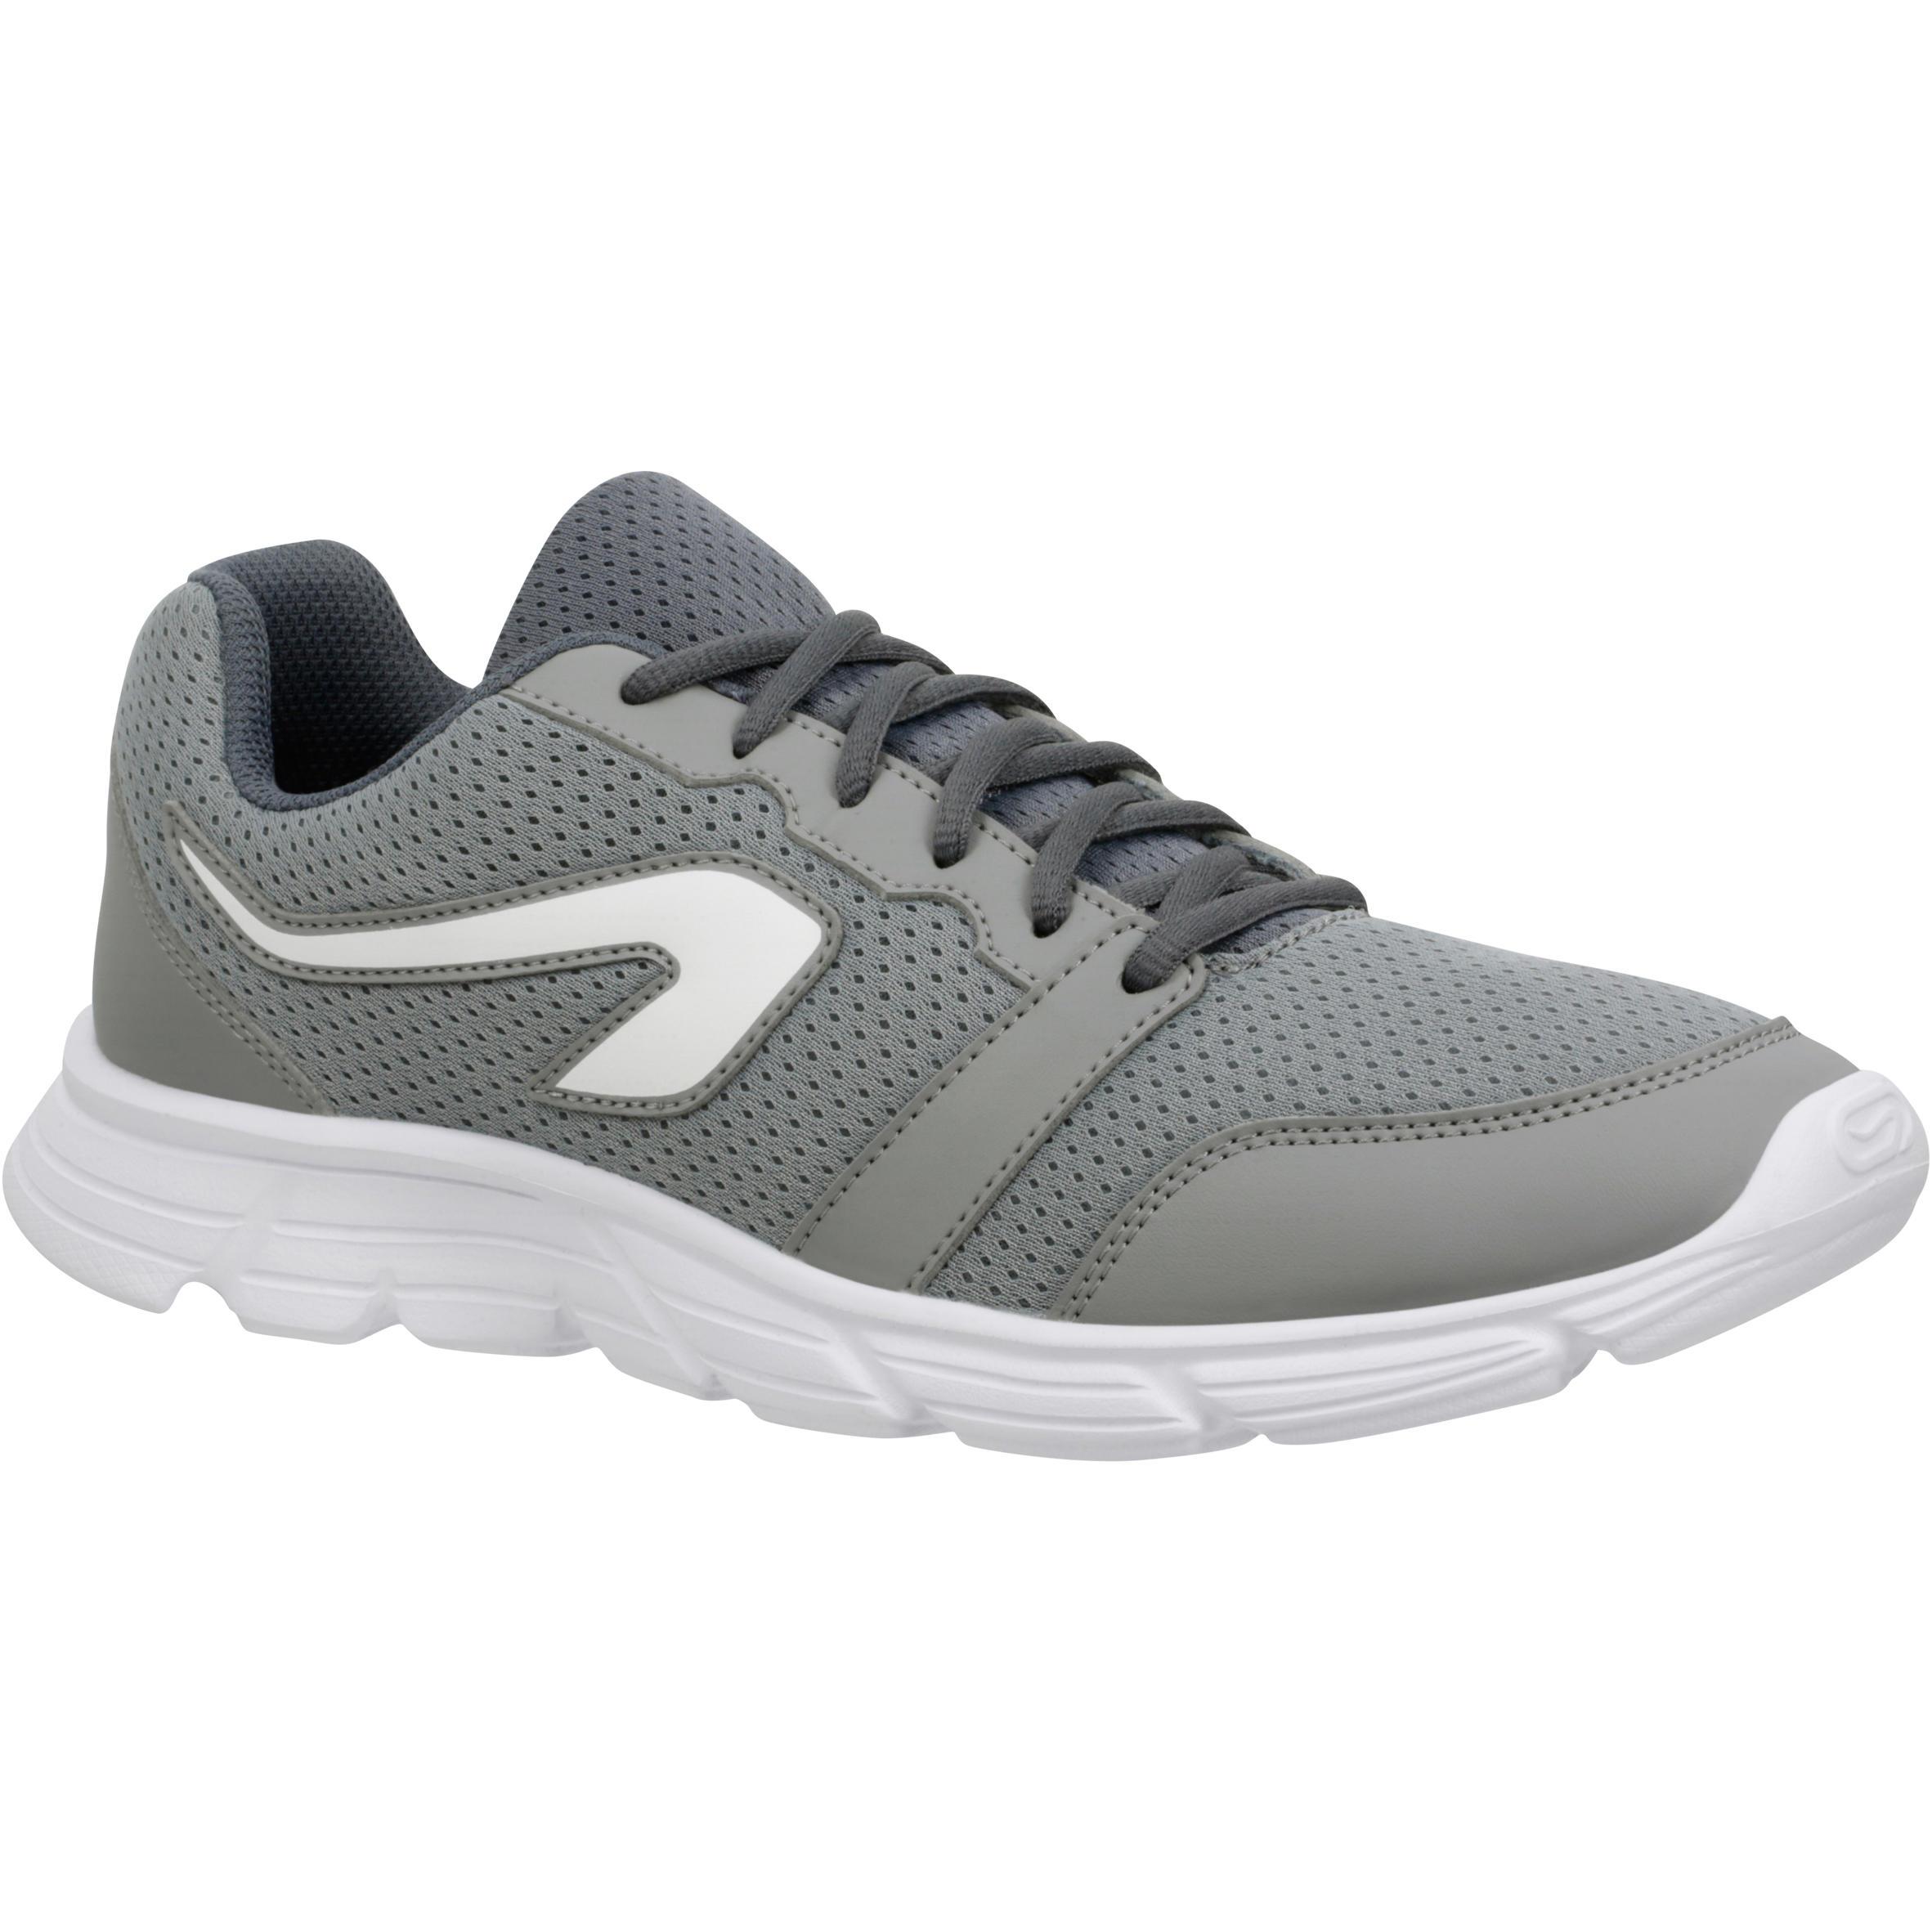 Run One Men's Running Shoes KALENJI